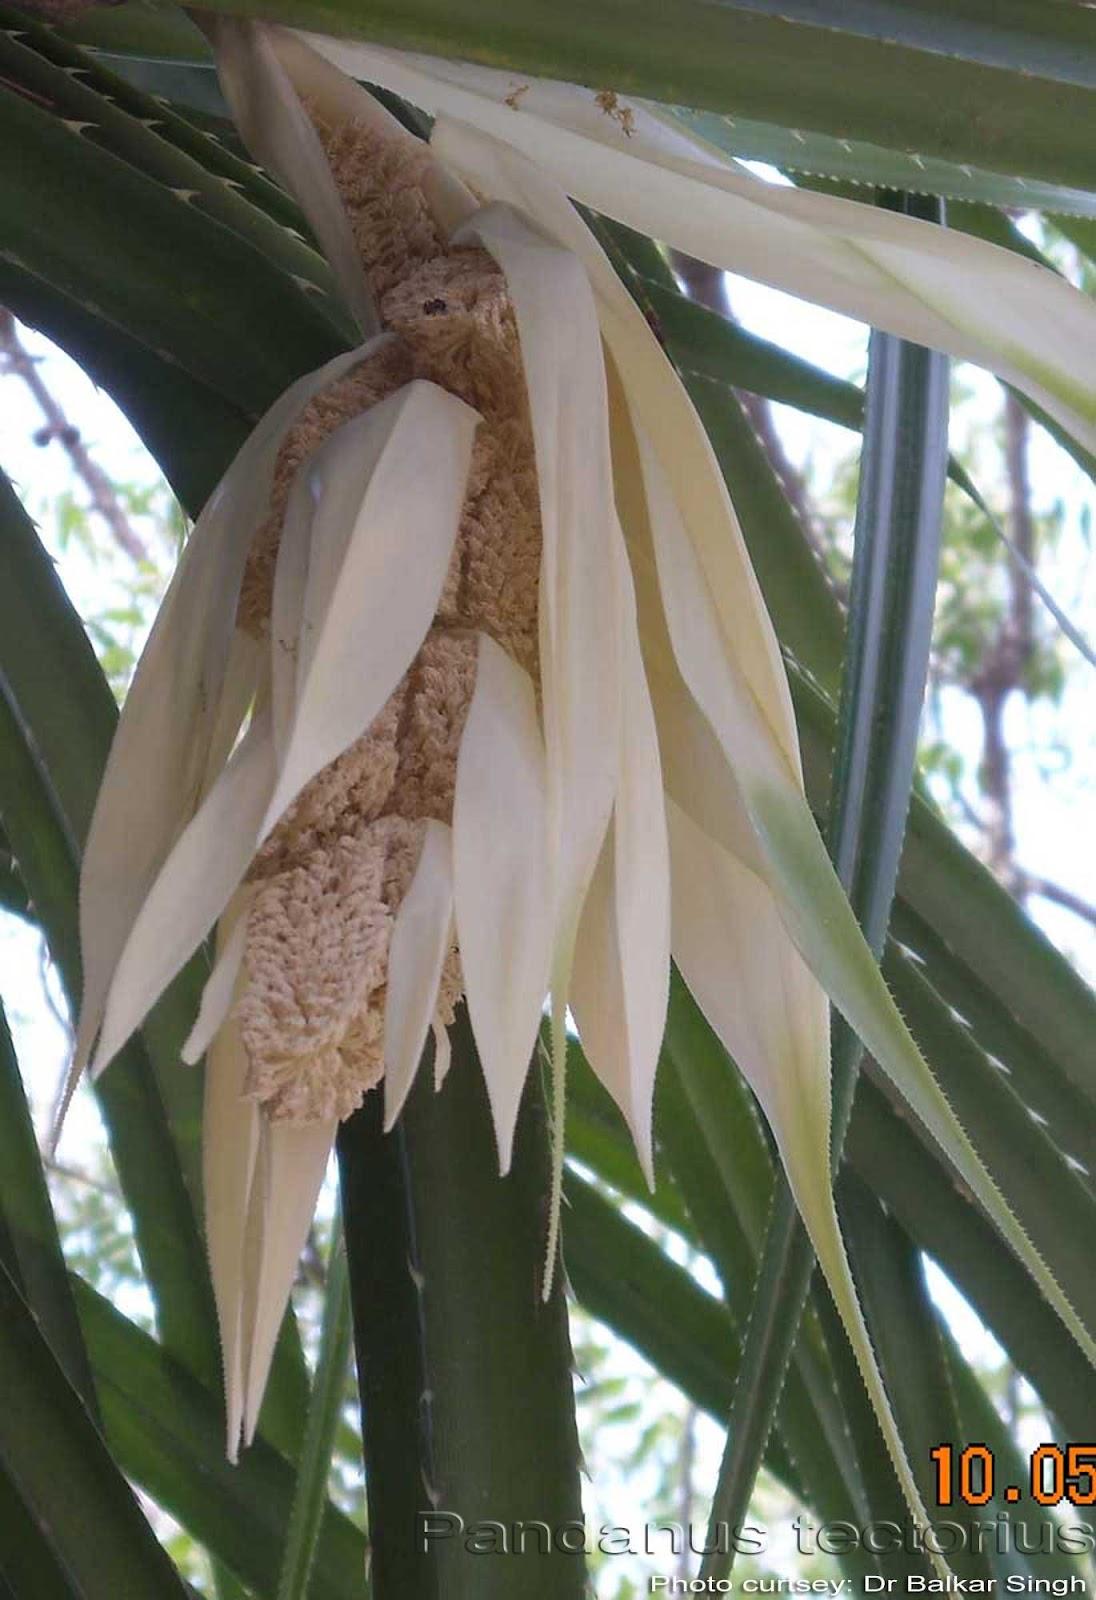 Medicinal Plants: Pandanus tectorius, Mogali, Kewda, Tazhai